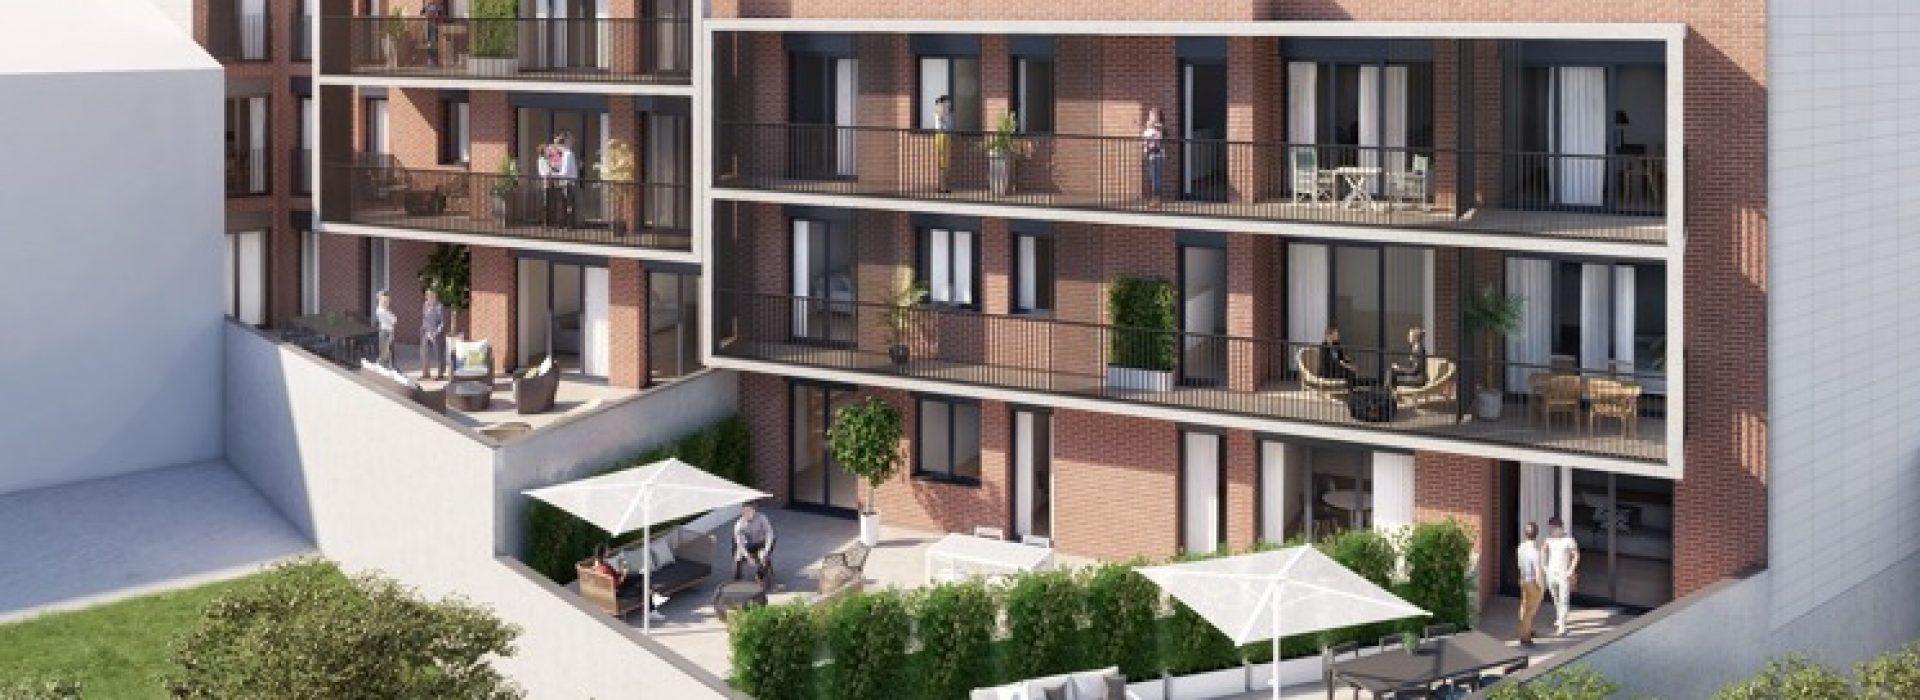 Exterior de Residencial El Mirador de Mollet. Promoción inmobiliaria de obra Nueva de TR Grupo Inmobiliario.